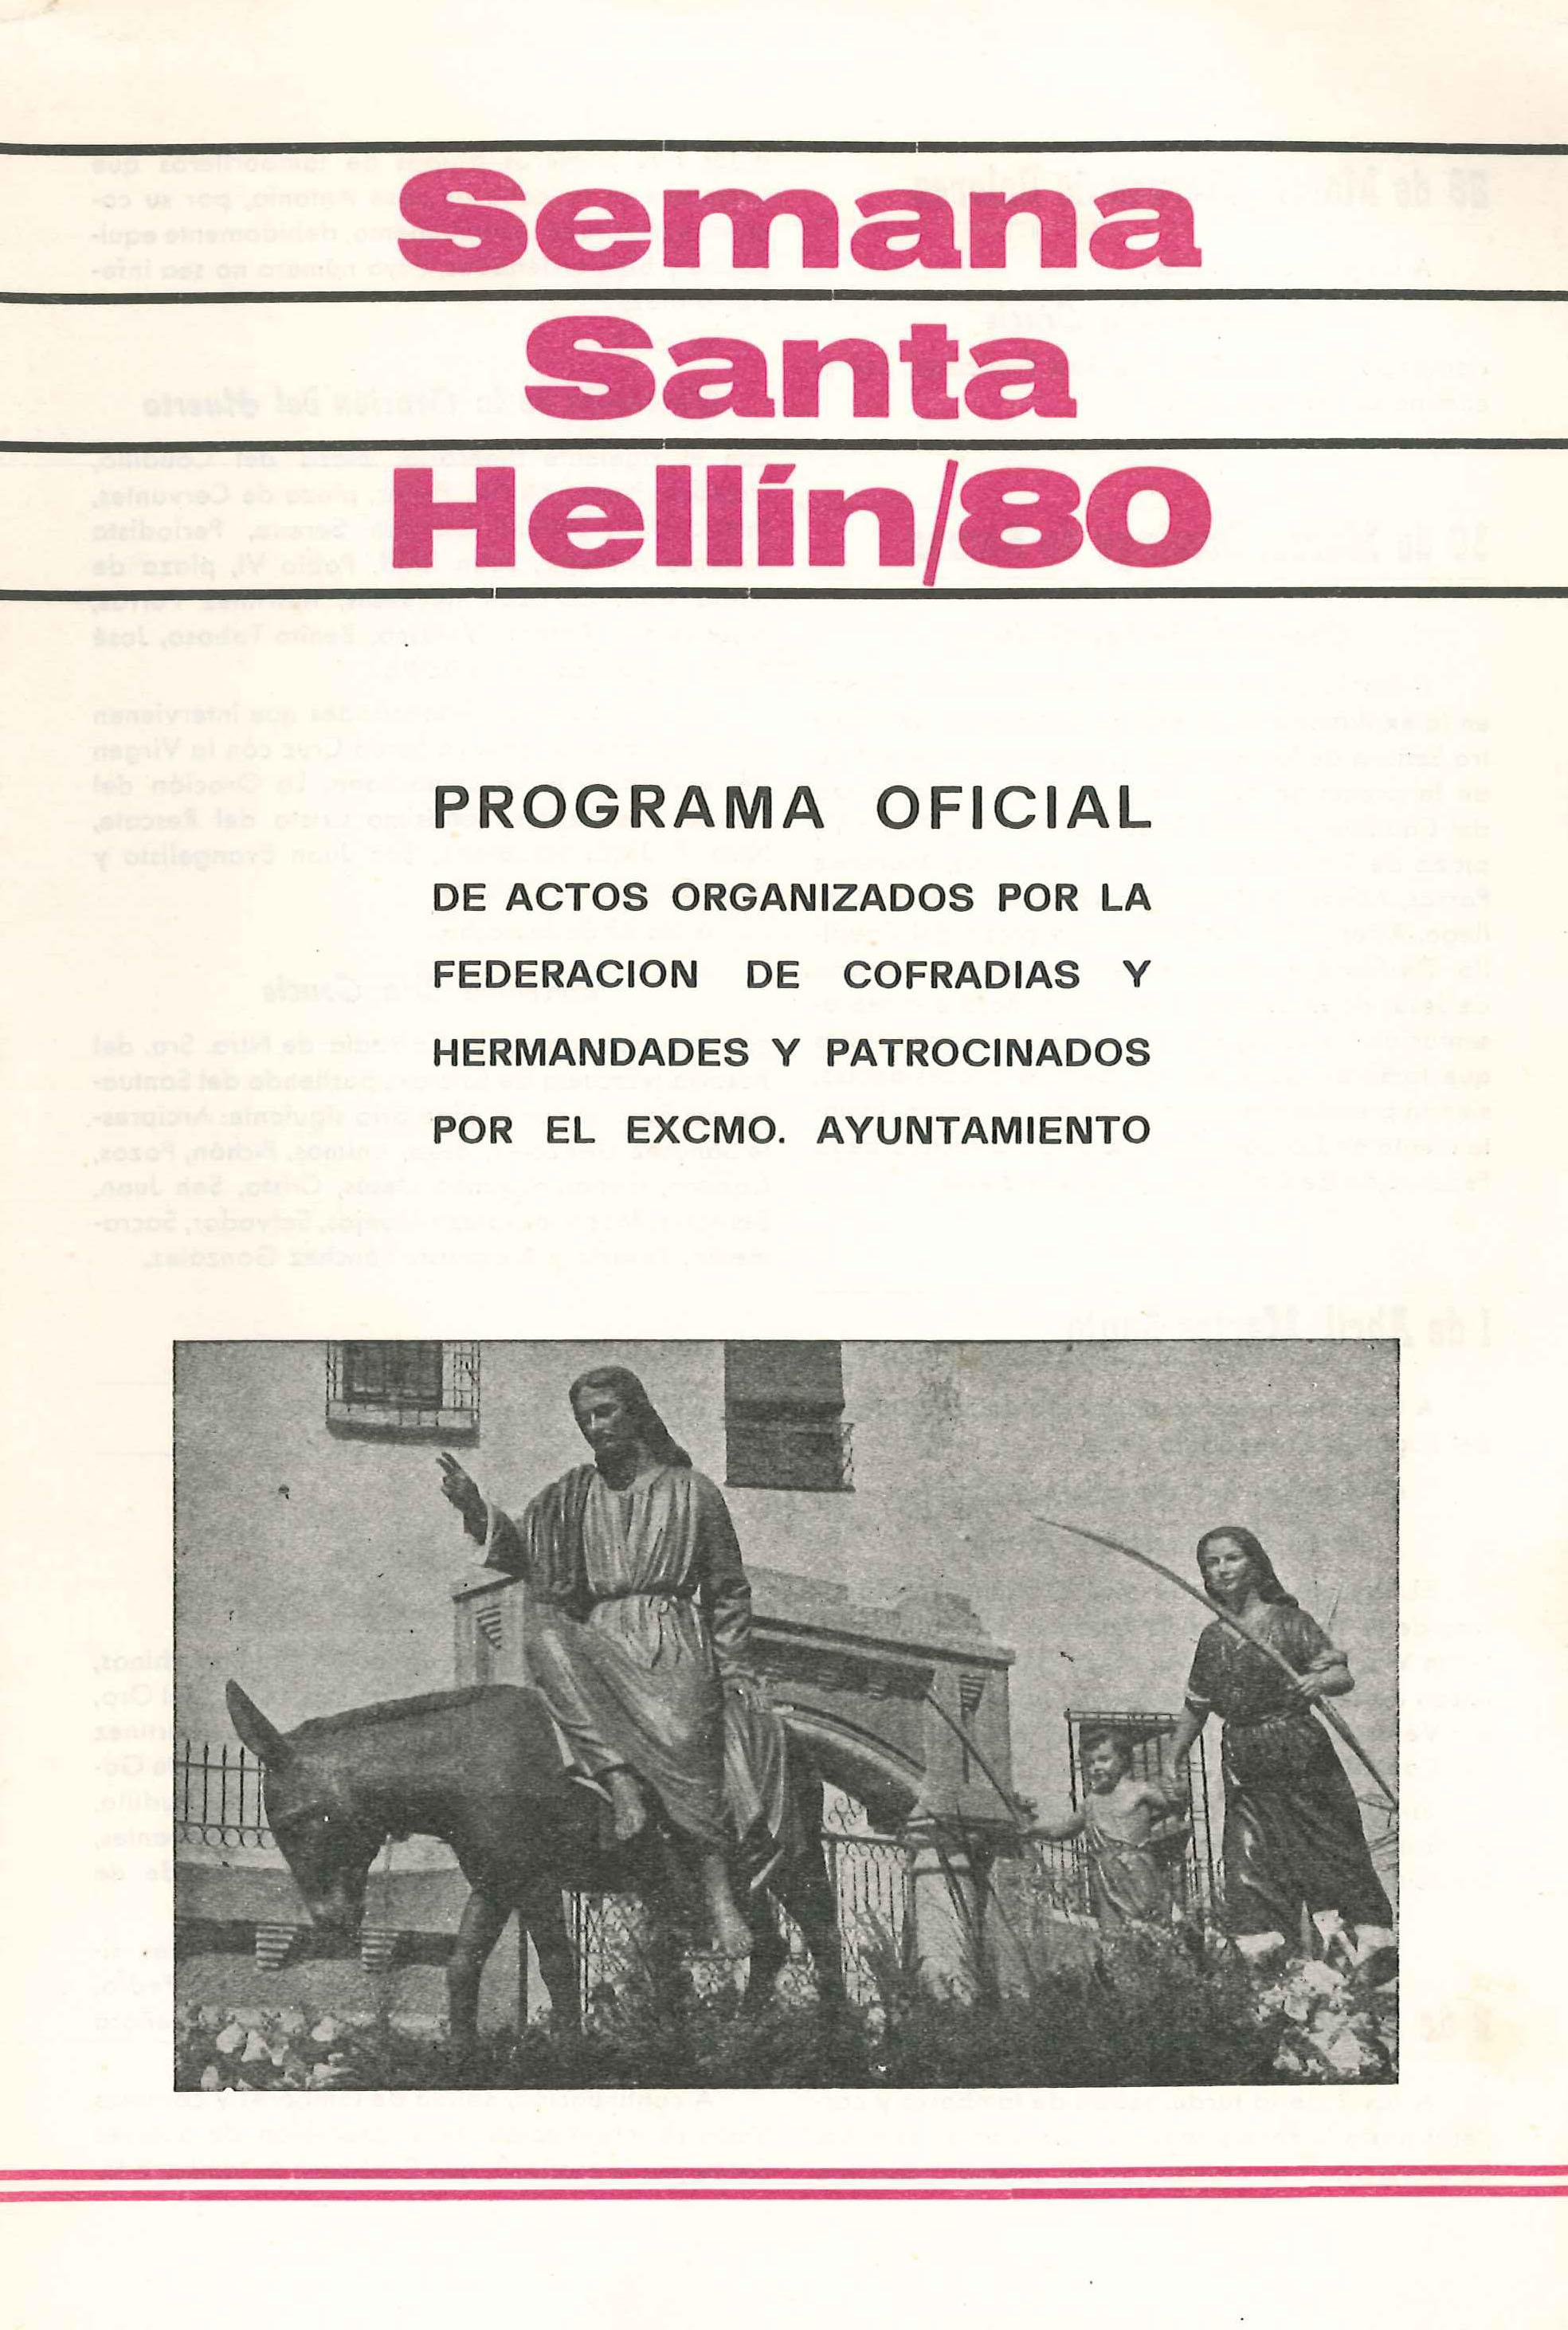 Programa de Actos de Semana Santa de Hellín - 1980